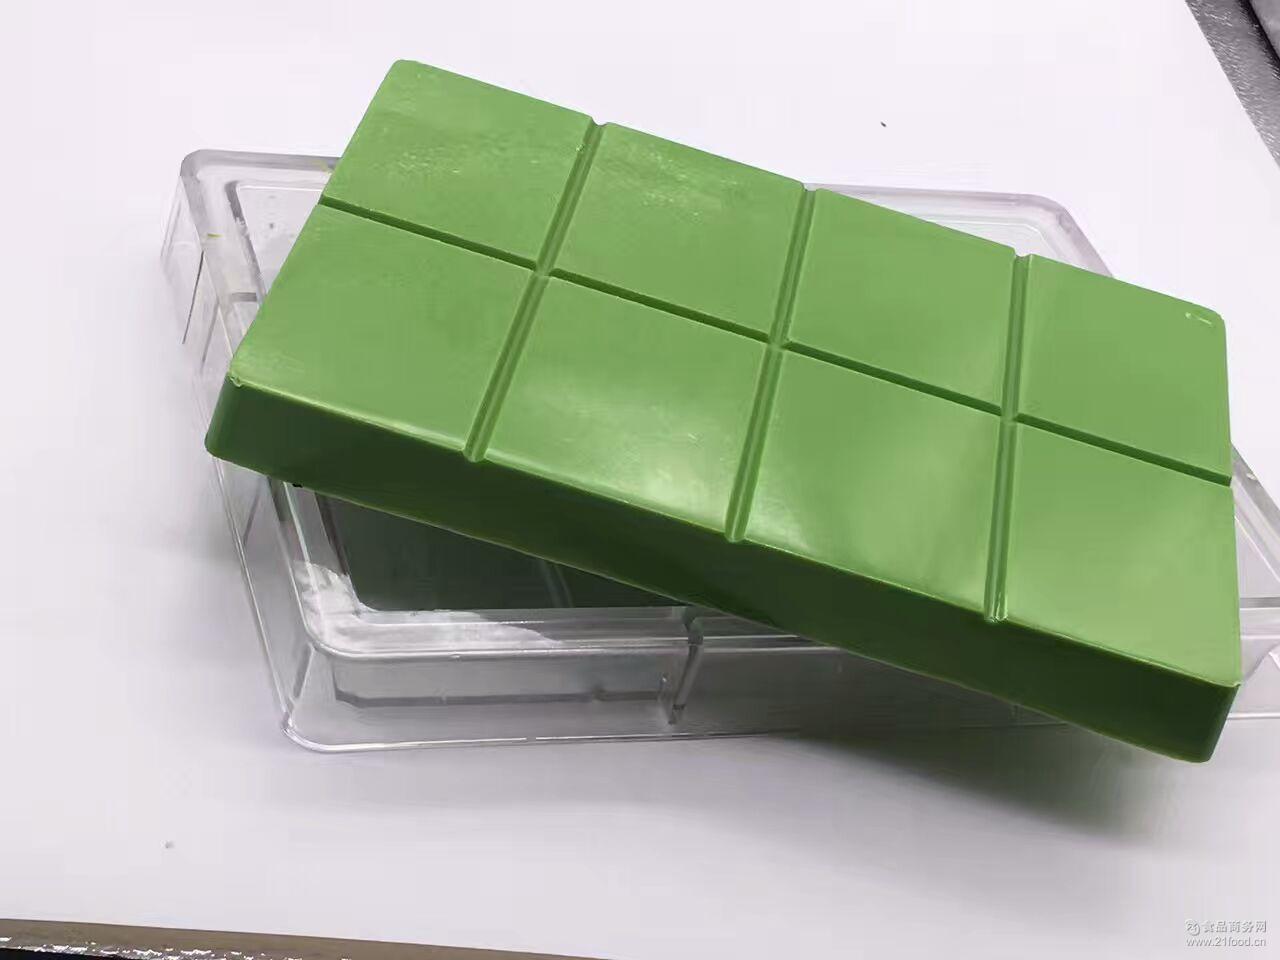 金芝煌巧克力大块厂家批发巧克力大块10公斤装绿色代可可脂大块